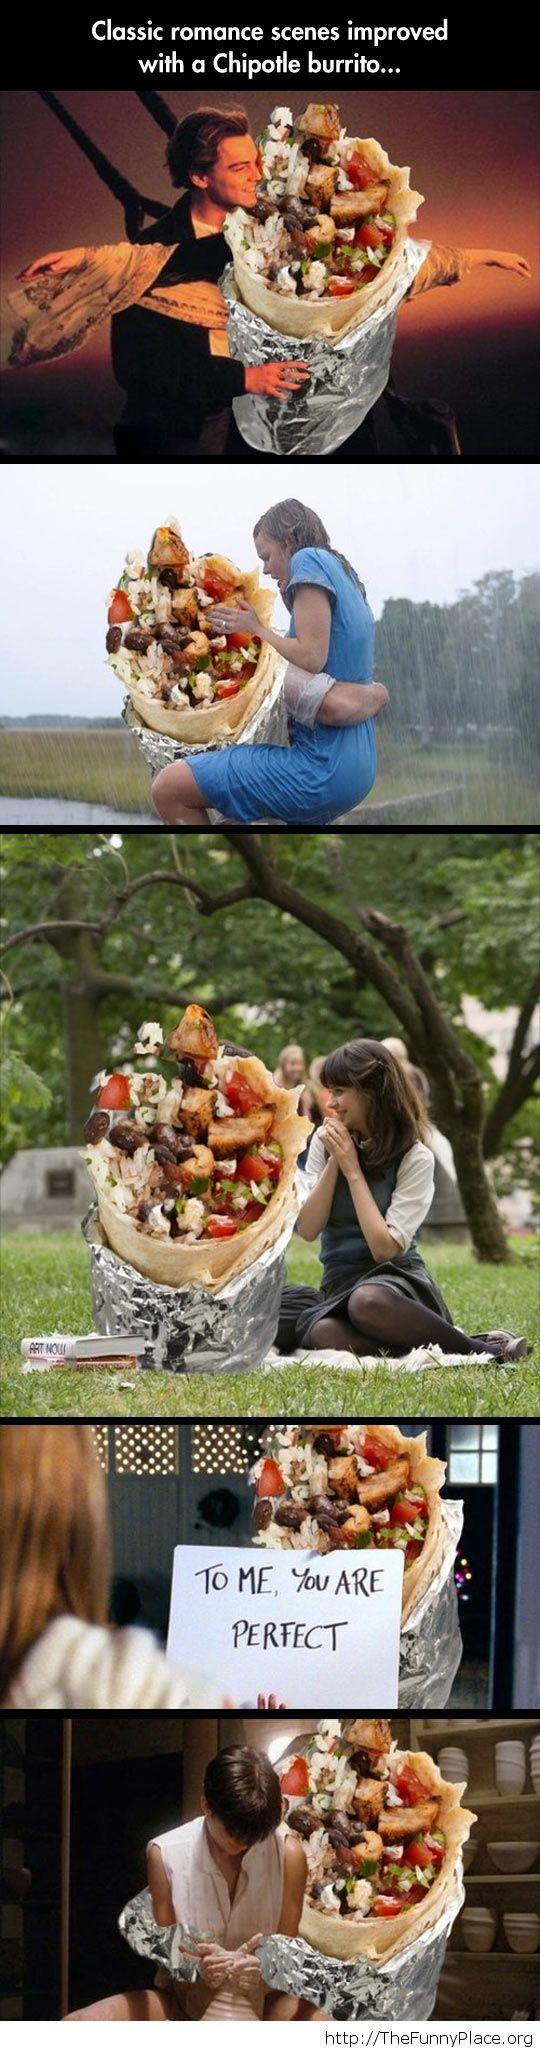 Romantic Burrito image